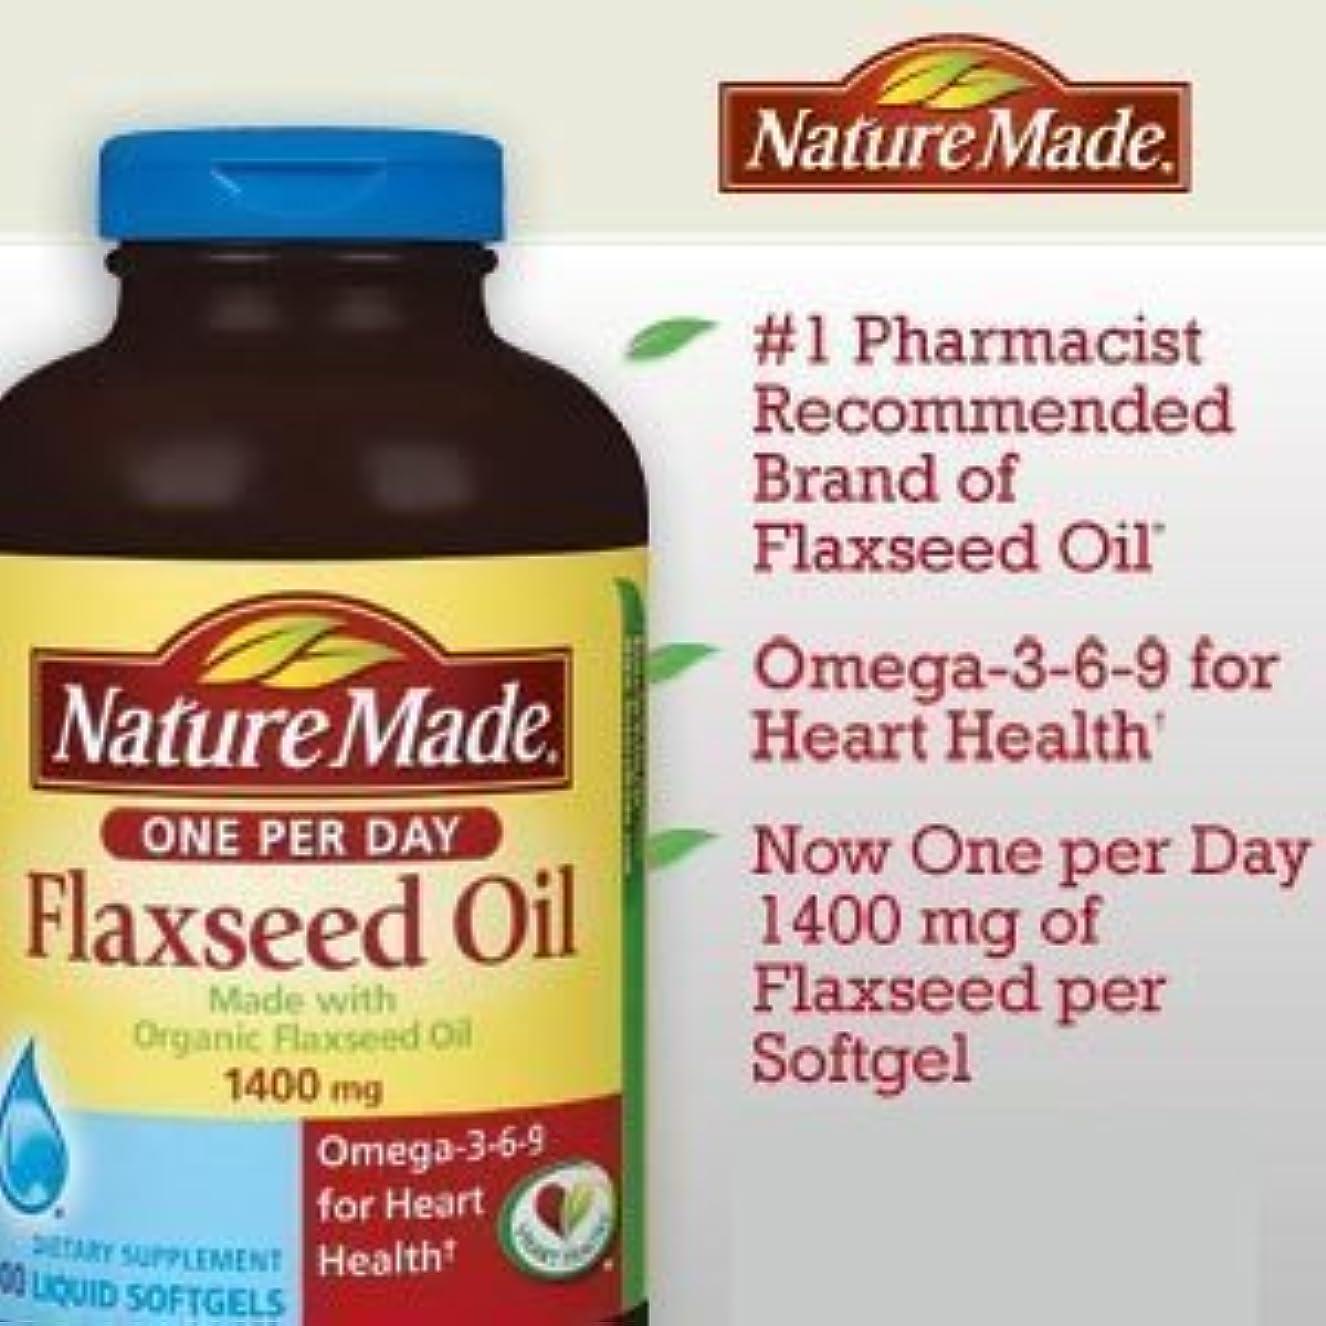 前部やりすぎネイティブNature Made Organic Flaxseed Oil, Omega-3-6-9 for Heart Health, 1400 mg, Liquid Softgels - 300 Count by USA [並行輸入品]